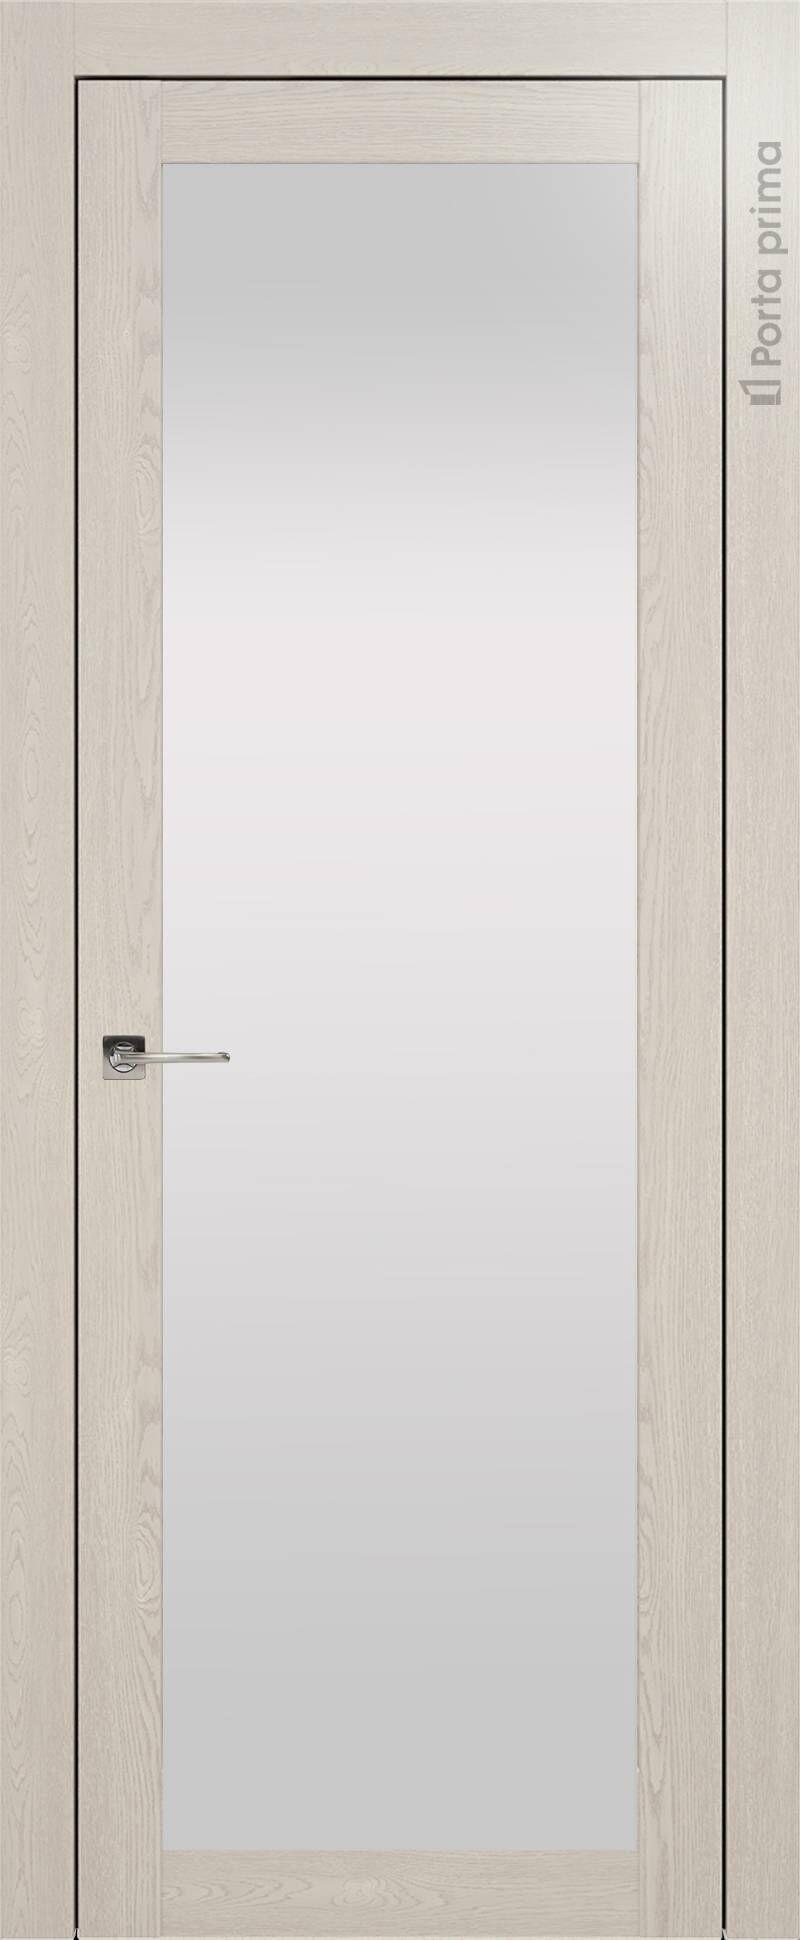 Tivoli З-1 цвет - Дуб шампань Со стеклом (ДО)